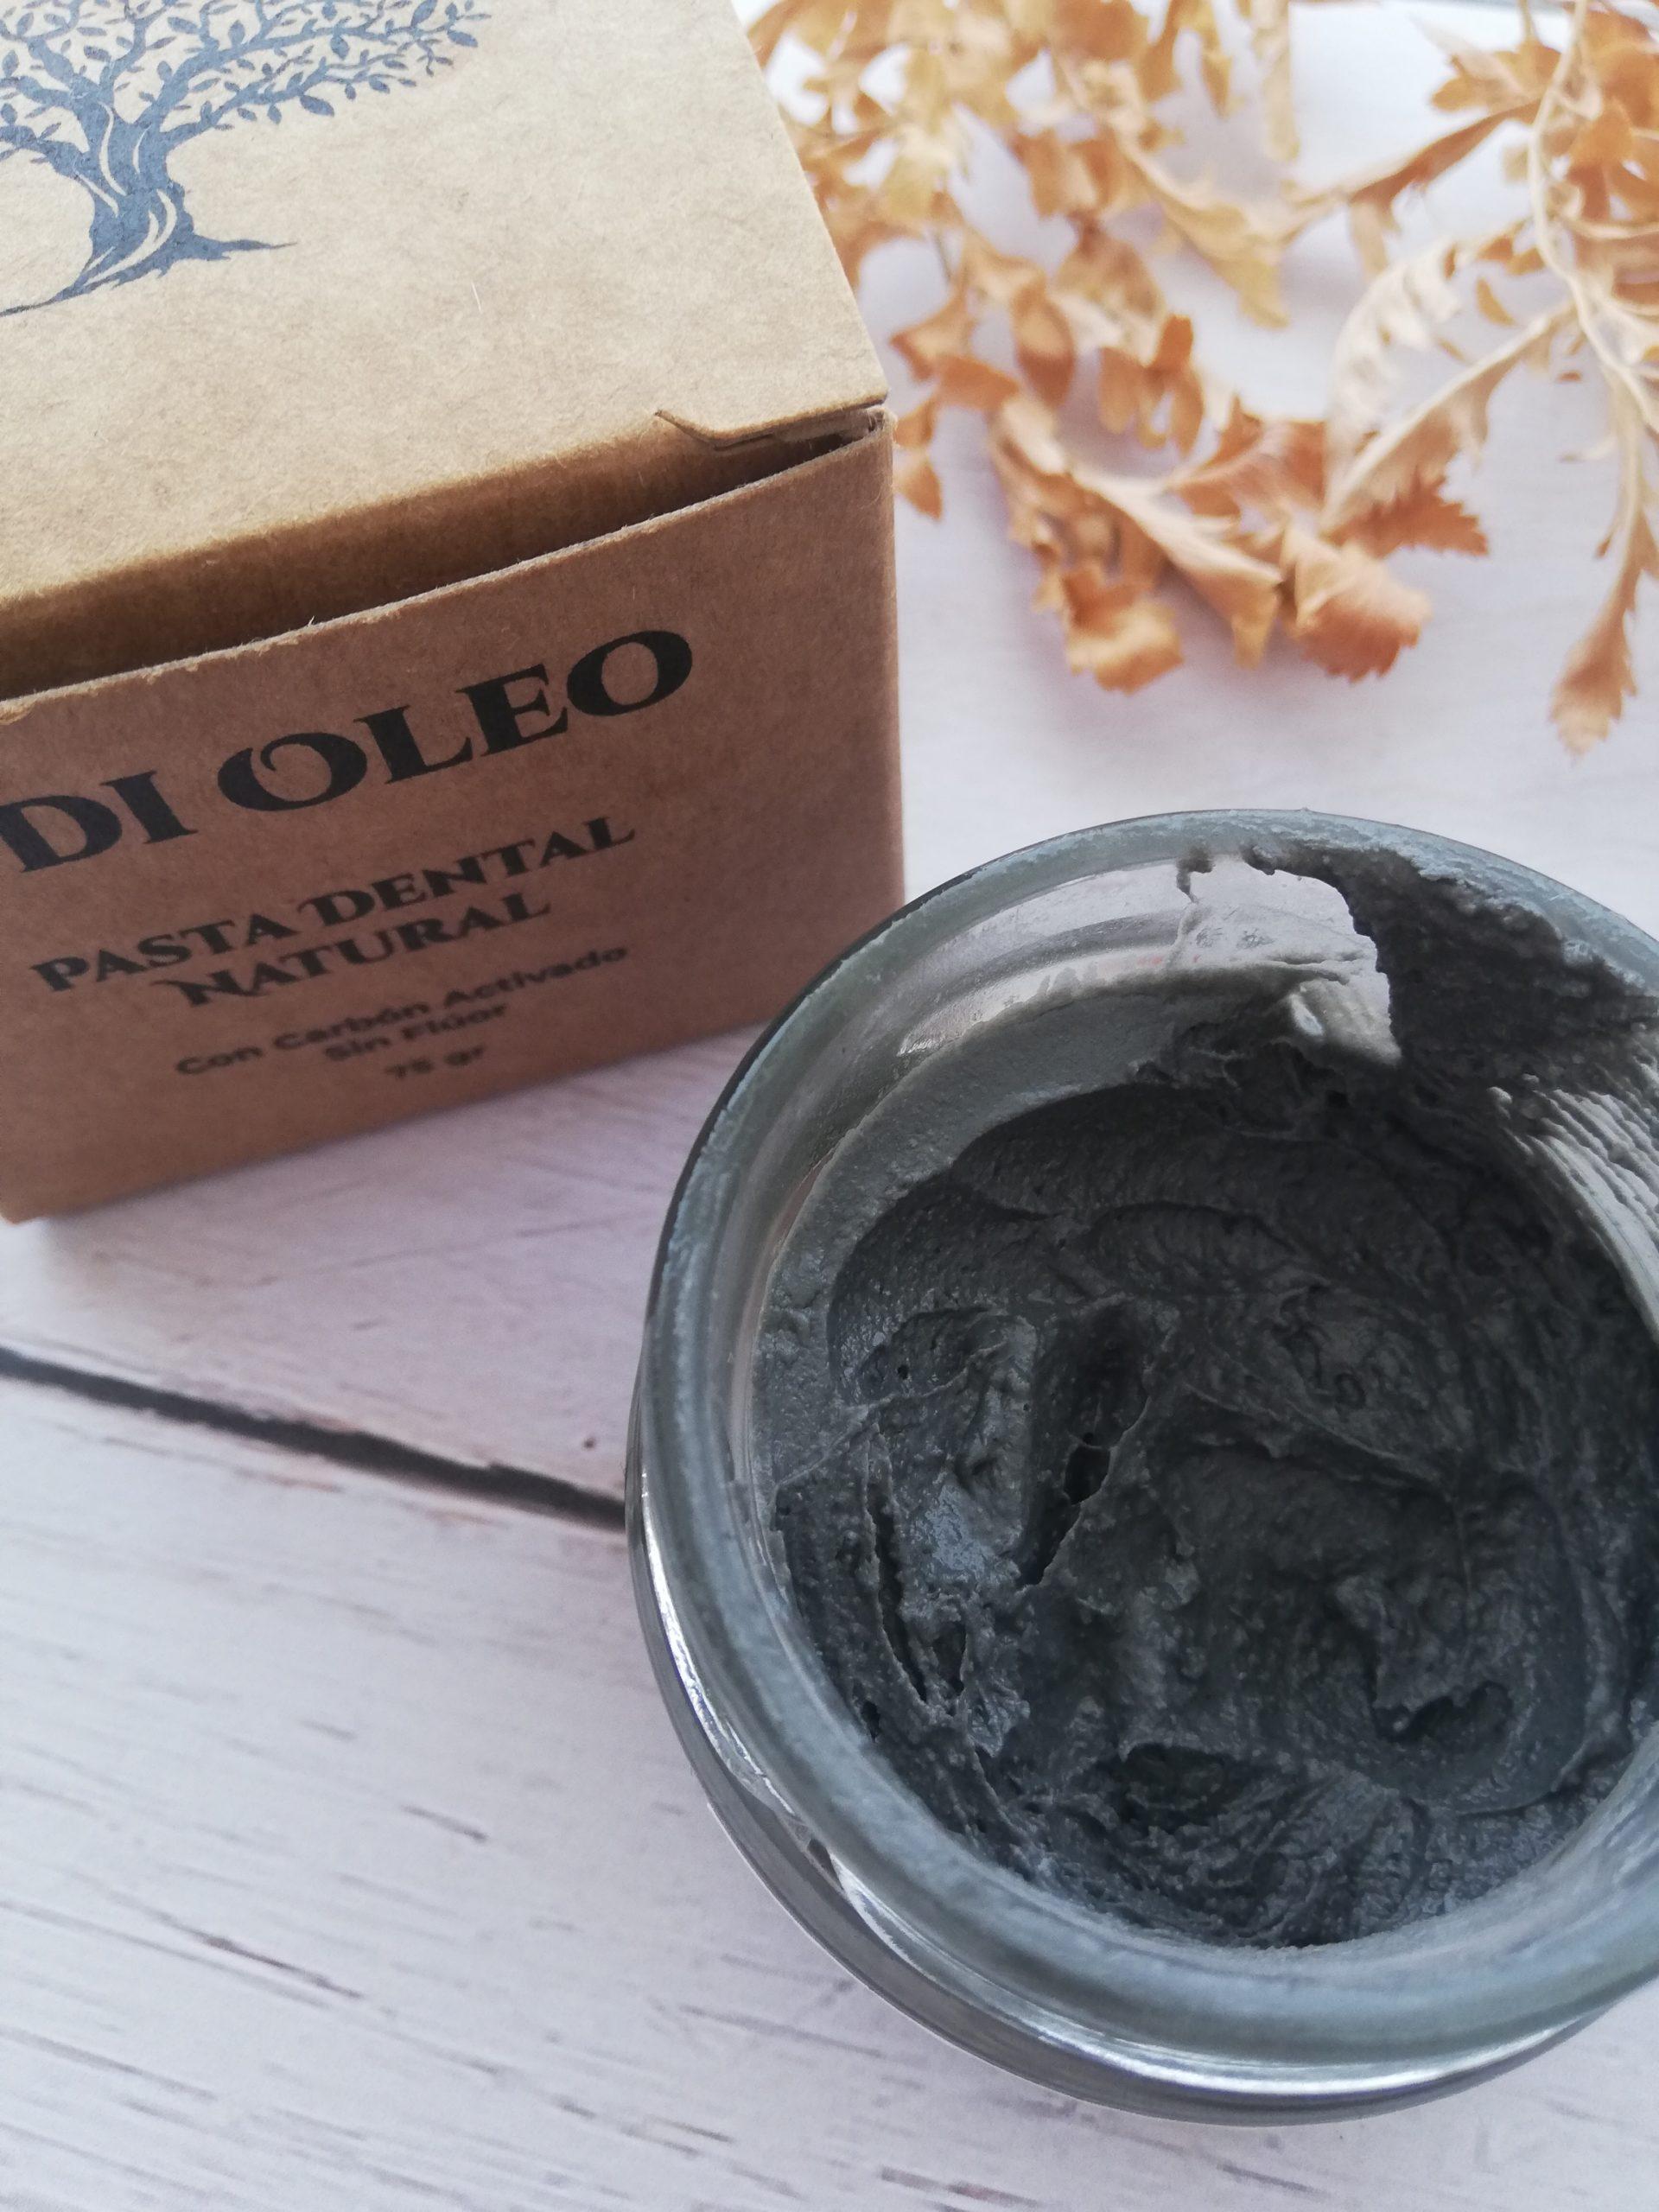 aove carbón activado di oleo pasta dental